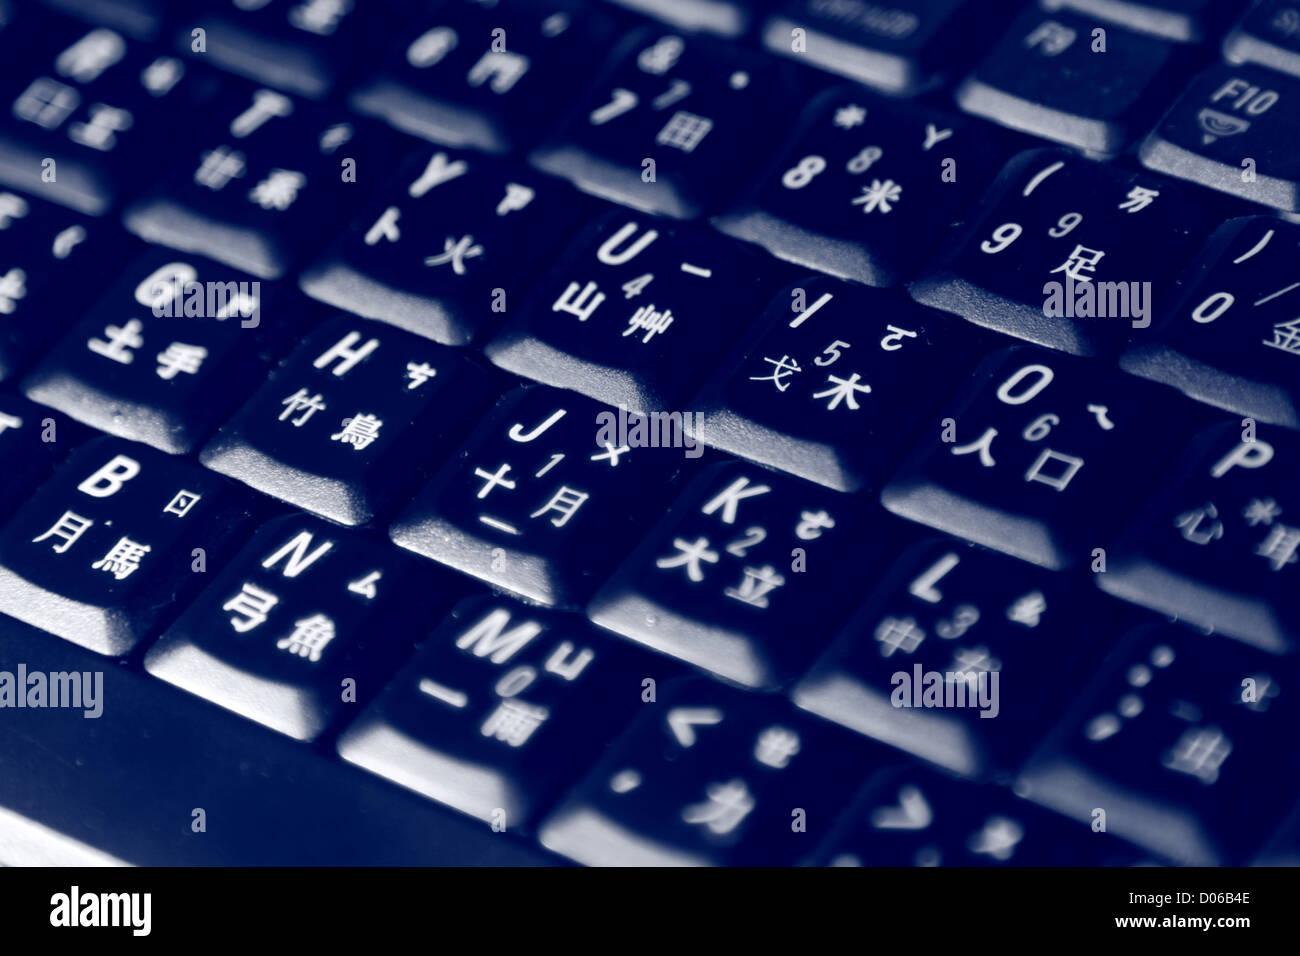 Teclados com iluminação Imagens de Stock